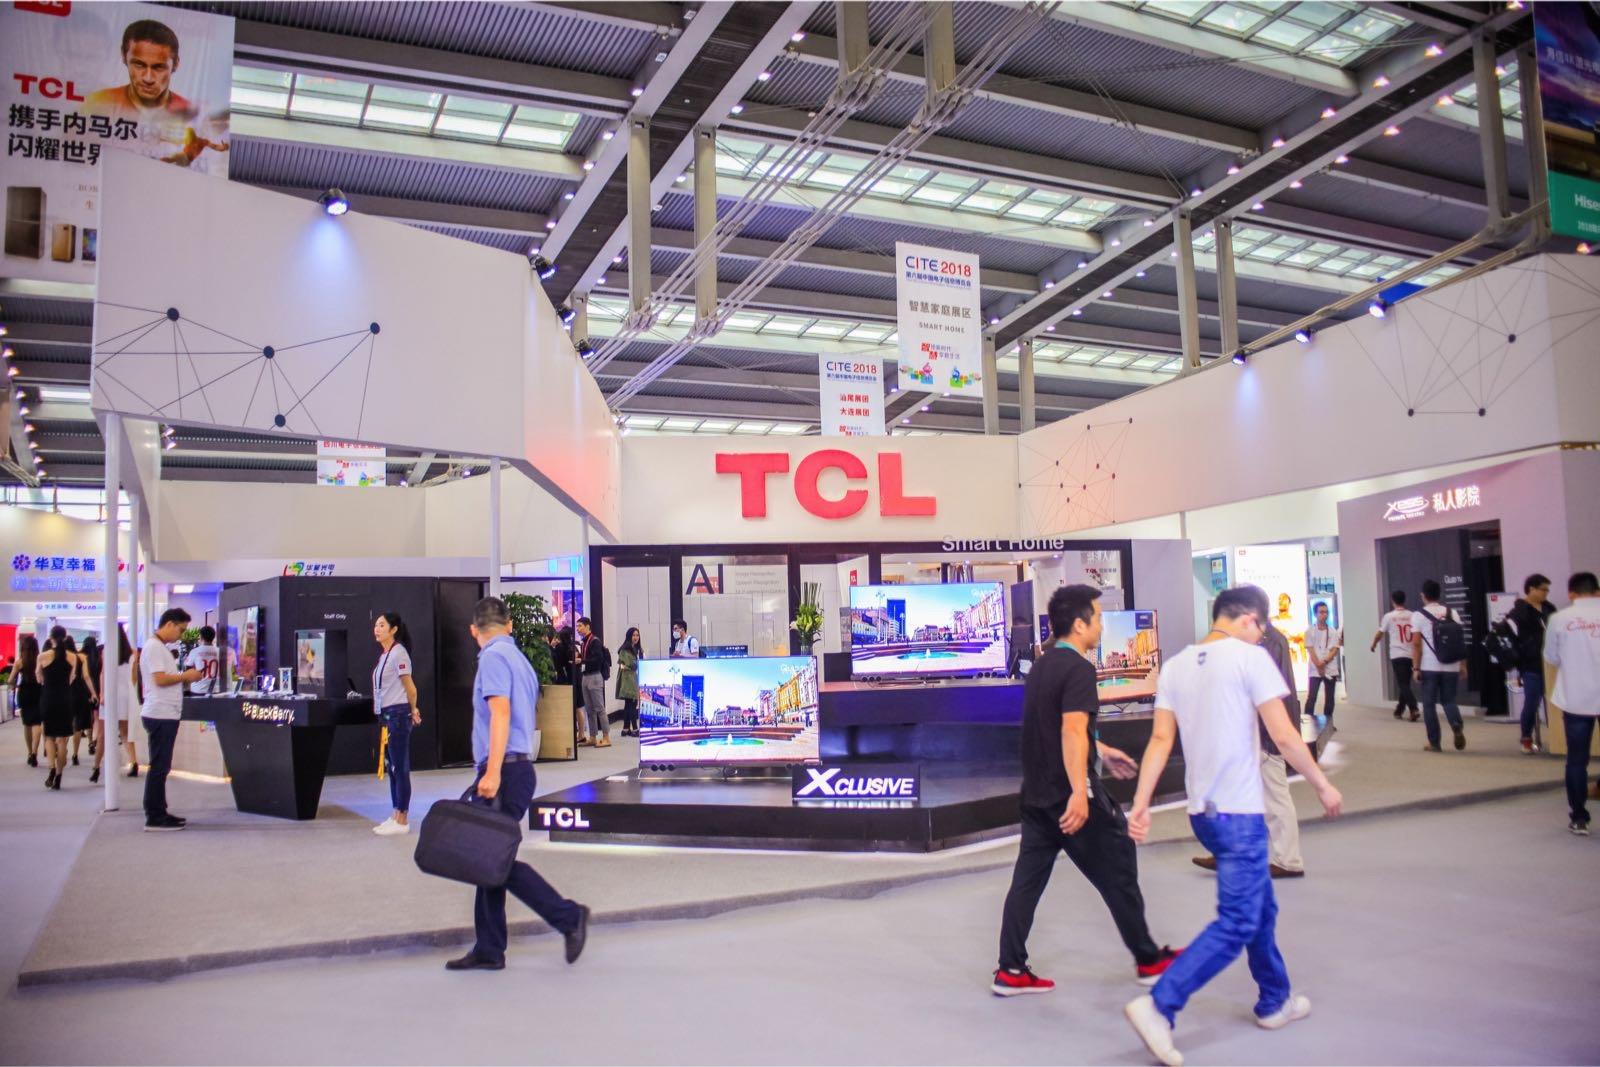 从财报数据复盘TCL的2017:为大国品牌走出去绘制路径